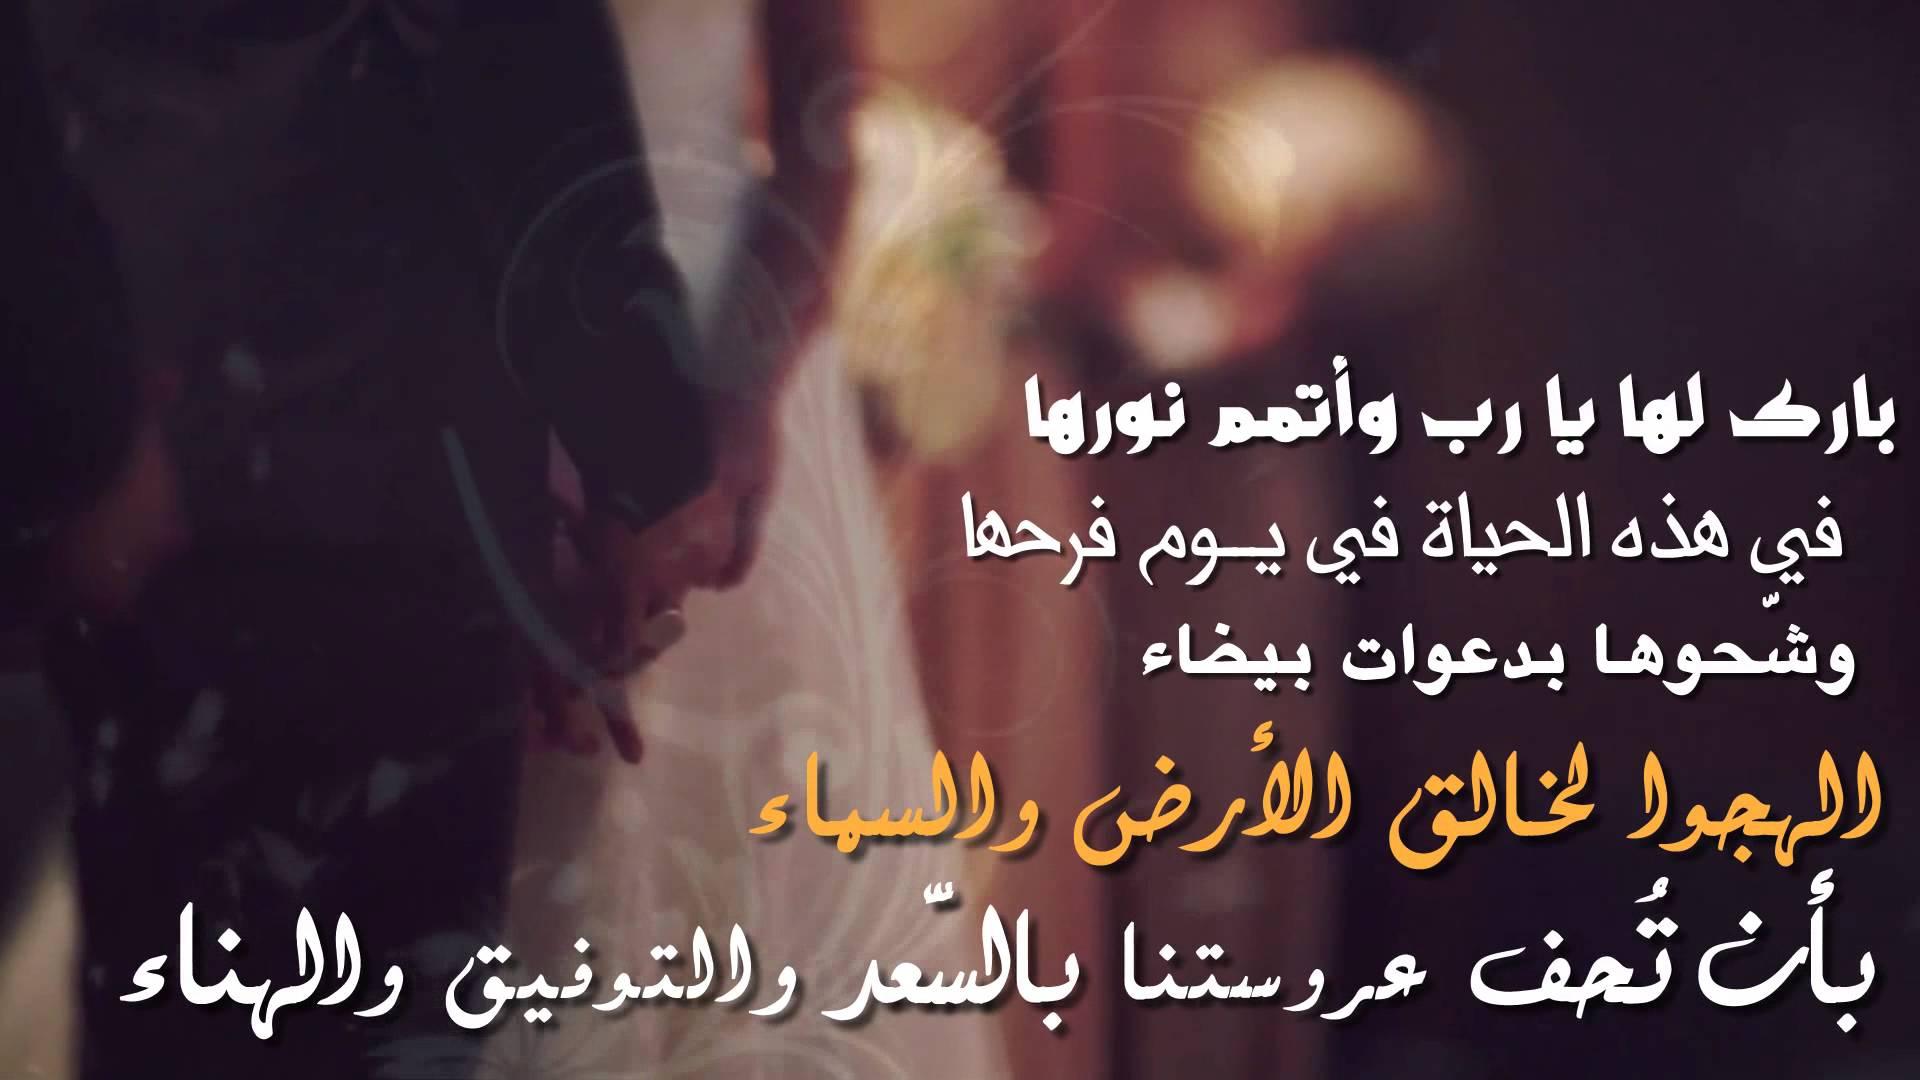 بالصور عبارات تهنئه للعروس قصيره , رسائل و عبارات قصيرة و جميلة لتهنئة العروس 4238 7